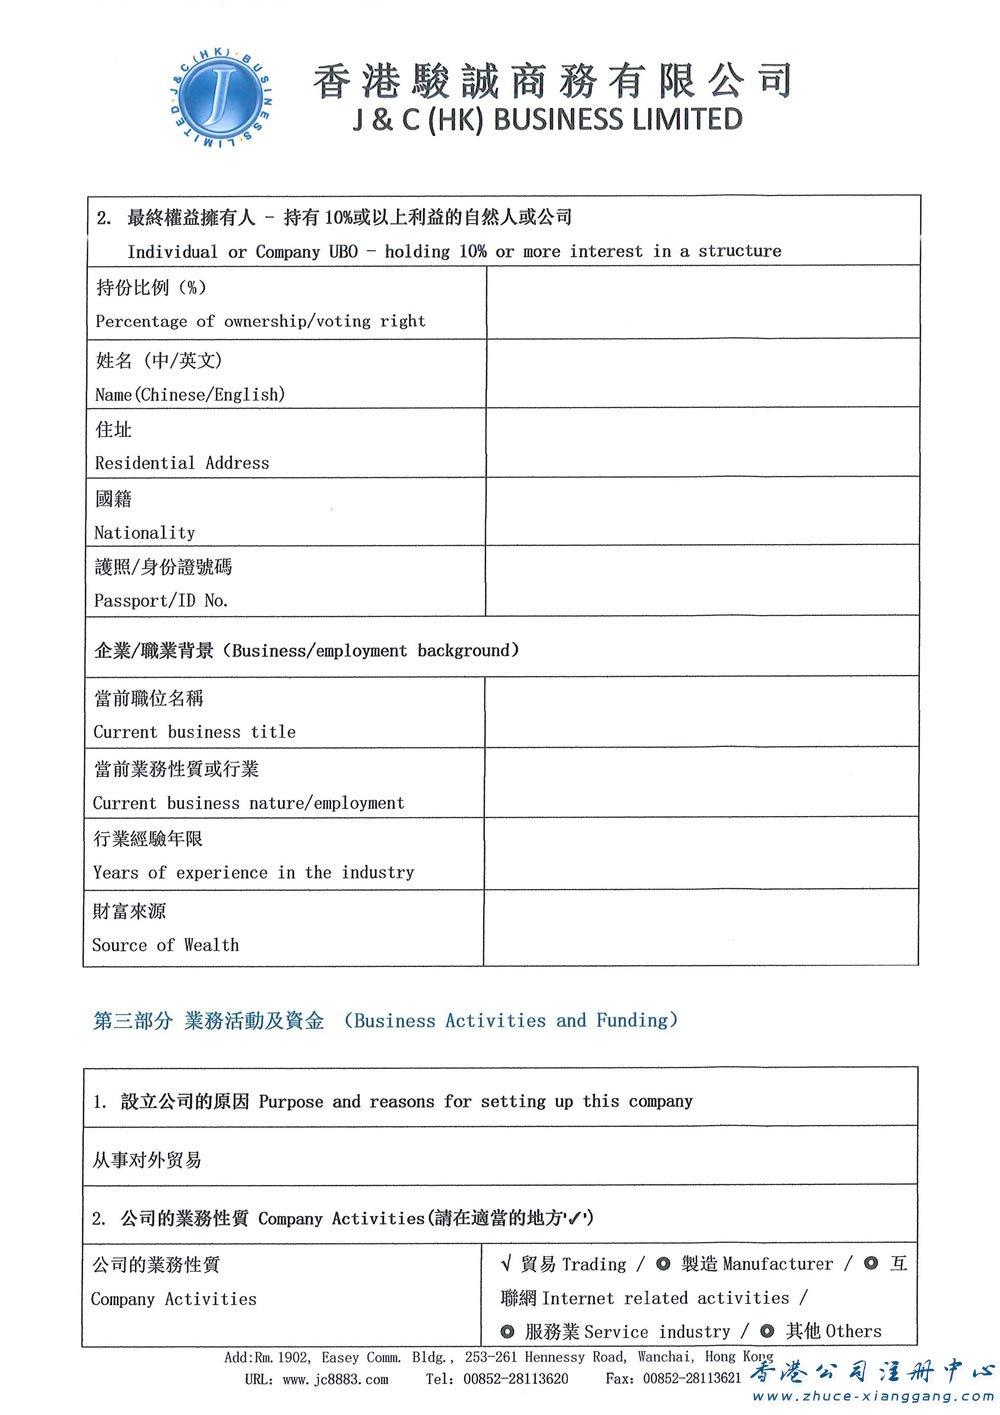 香港公司KYC表格(尽职审查表)样本_2